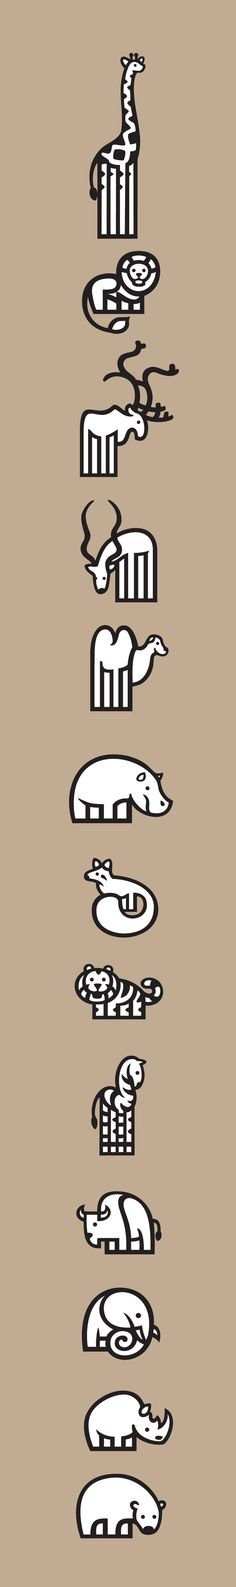 animals #illustration #safari